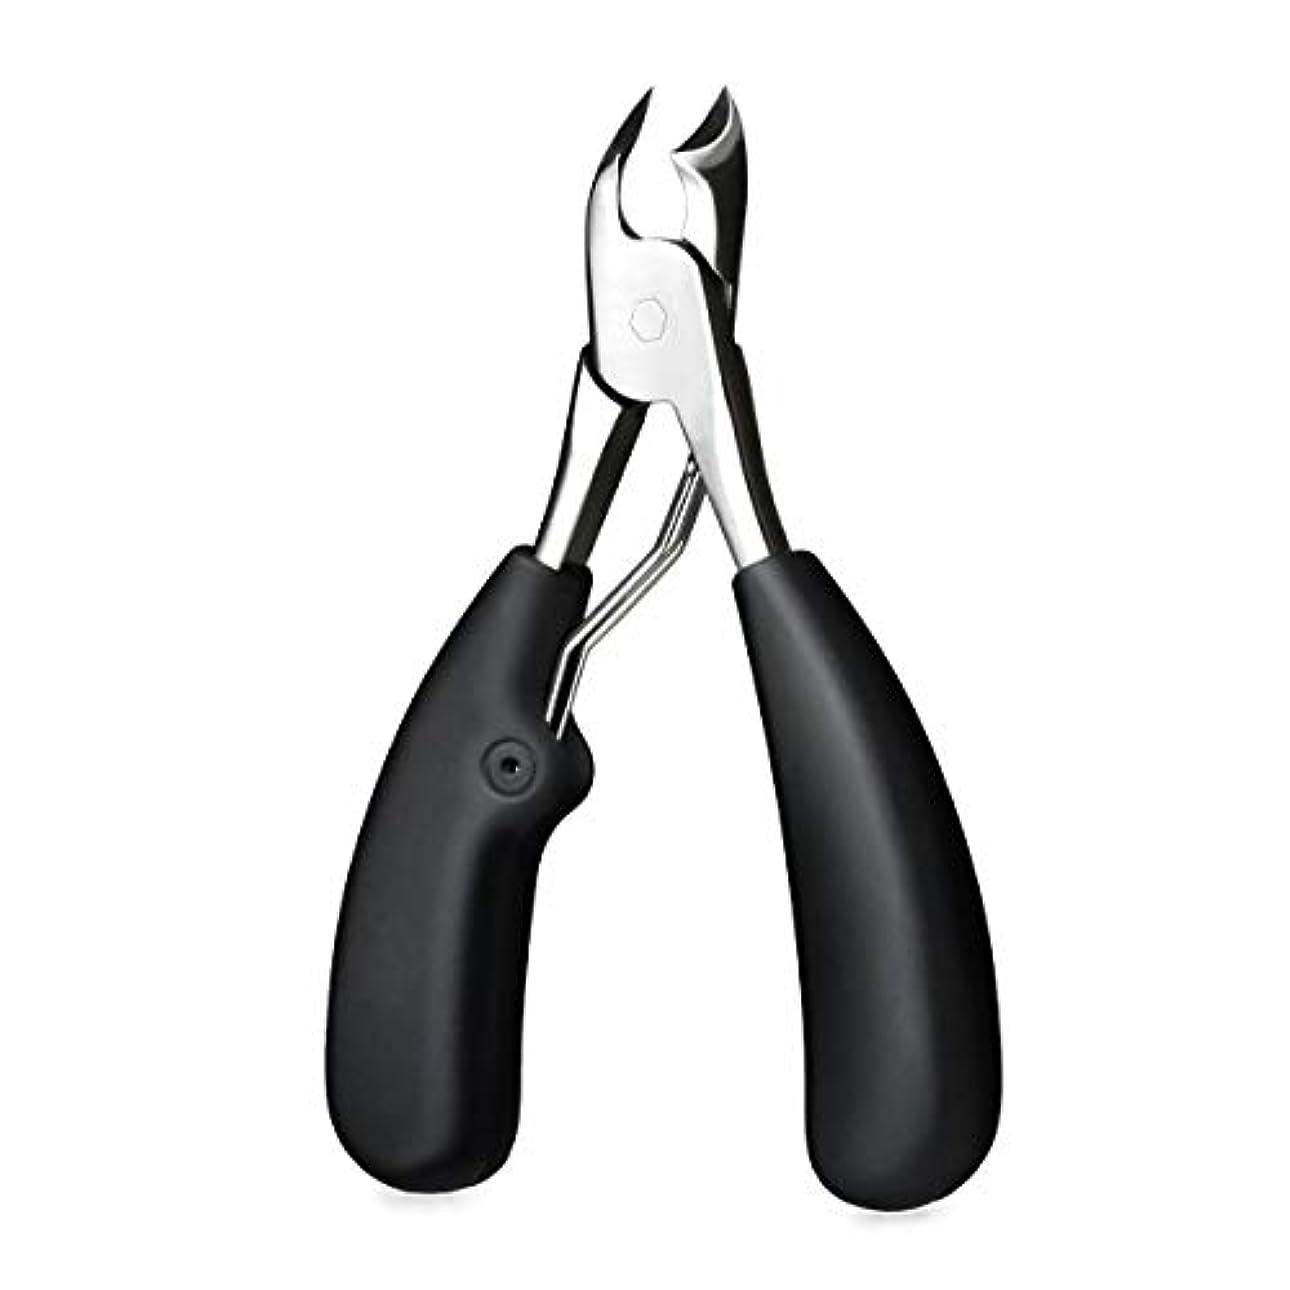 遅いネブ反毒高級ステンレス製爪切り ニッパー 巻き爪 硬い爪などにも対応 爪切り 爪 変形爪などに最適 ネイルケアセット